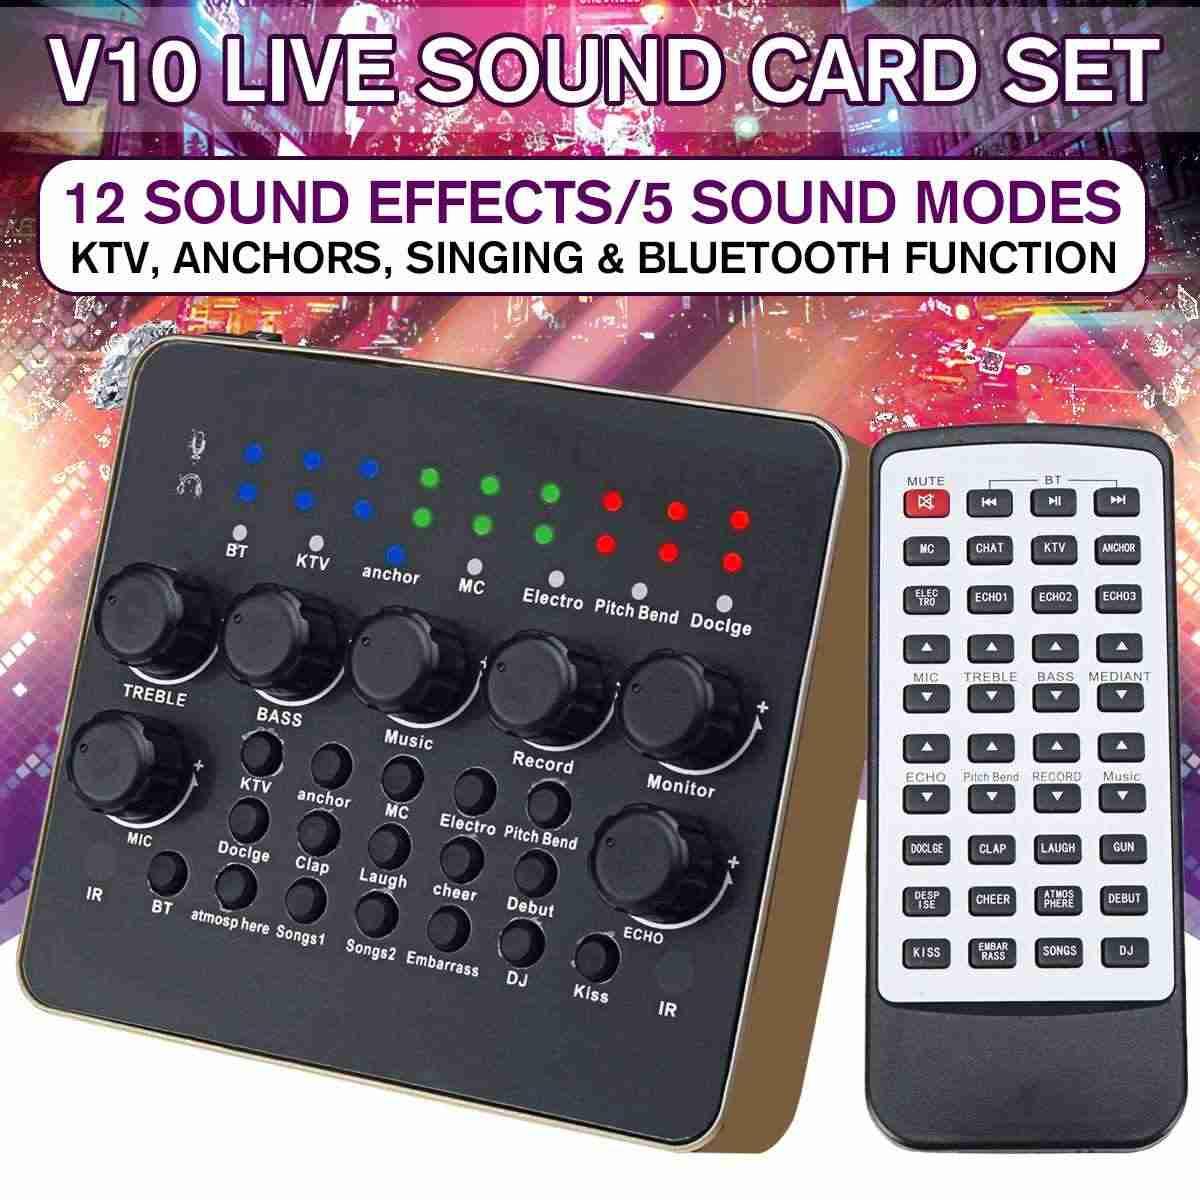 V10 オーディオ USB ライブサウンドカードヘッドセットマイク携帯電話コンピュータ PC ライブサウンドカード高速手叫ぶ小麦ユニバーサル